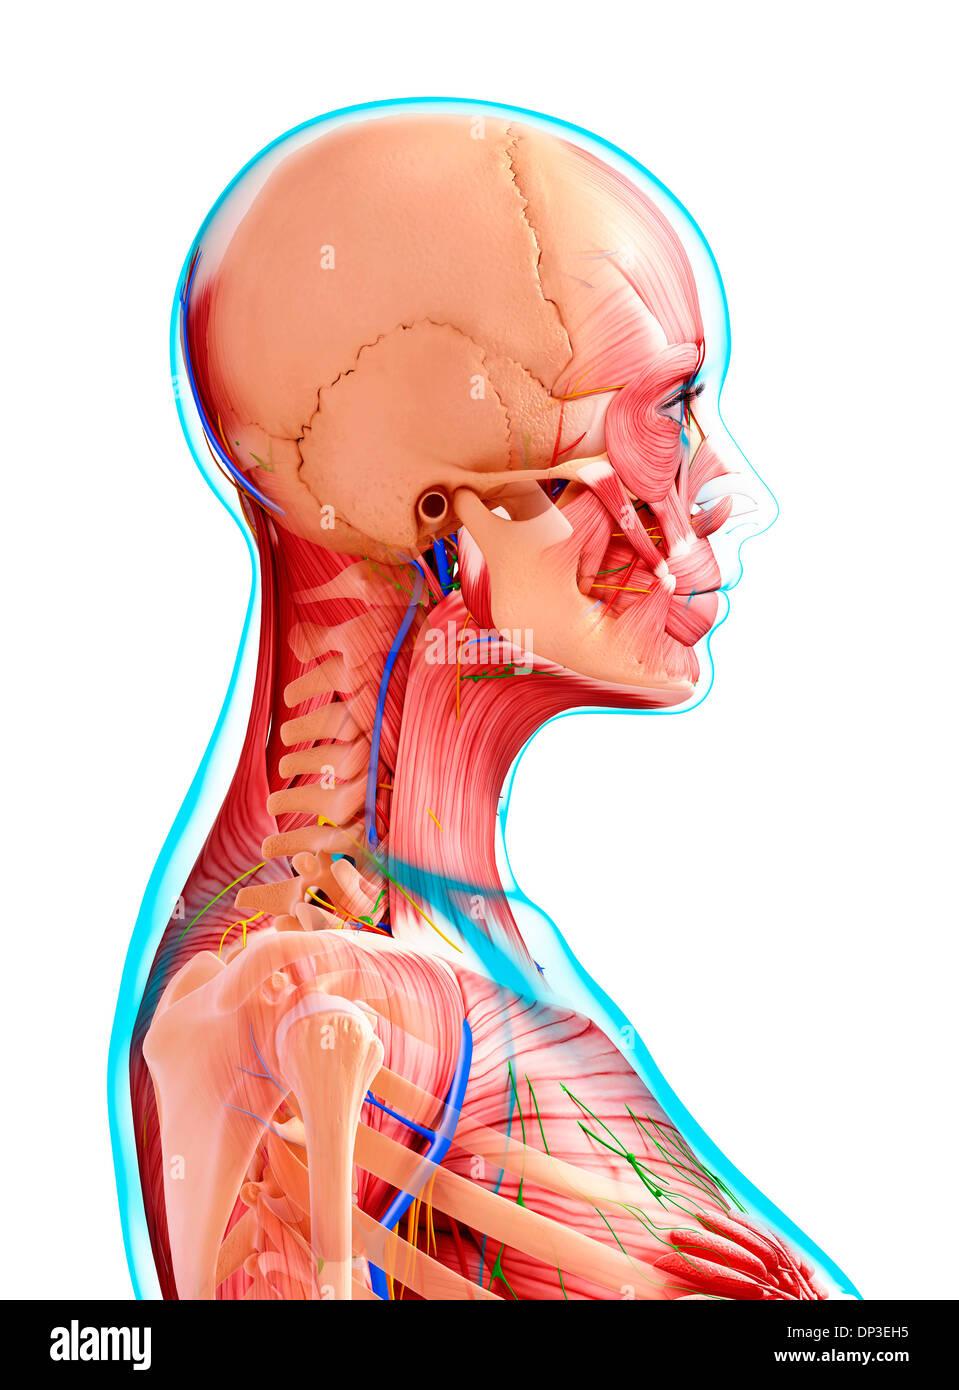 Großzügig Menschliche Weibliche Anatomie Organe Ideen - Menschliche ...